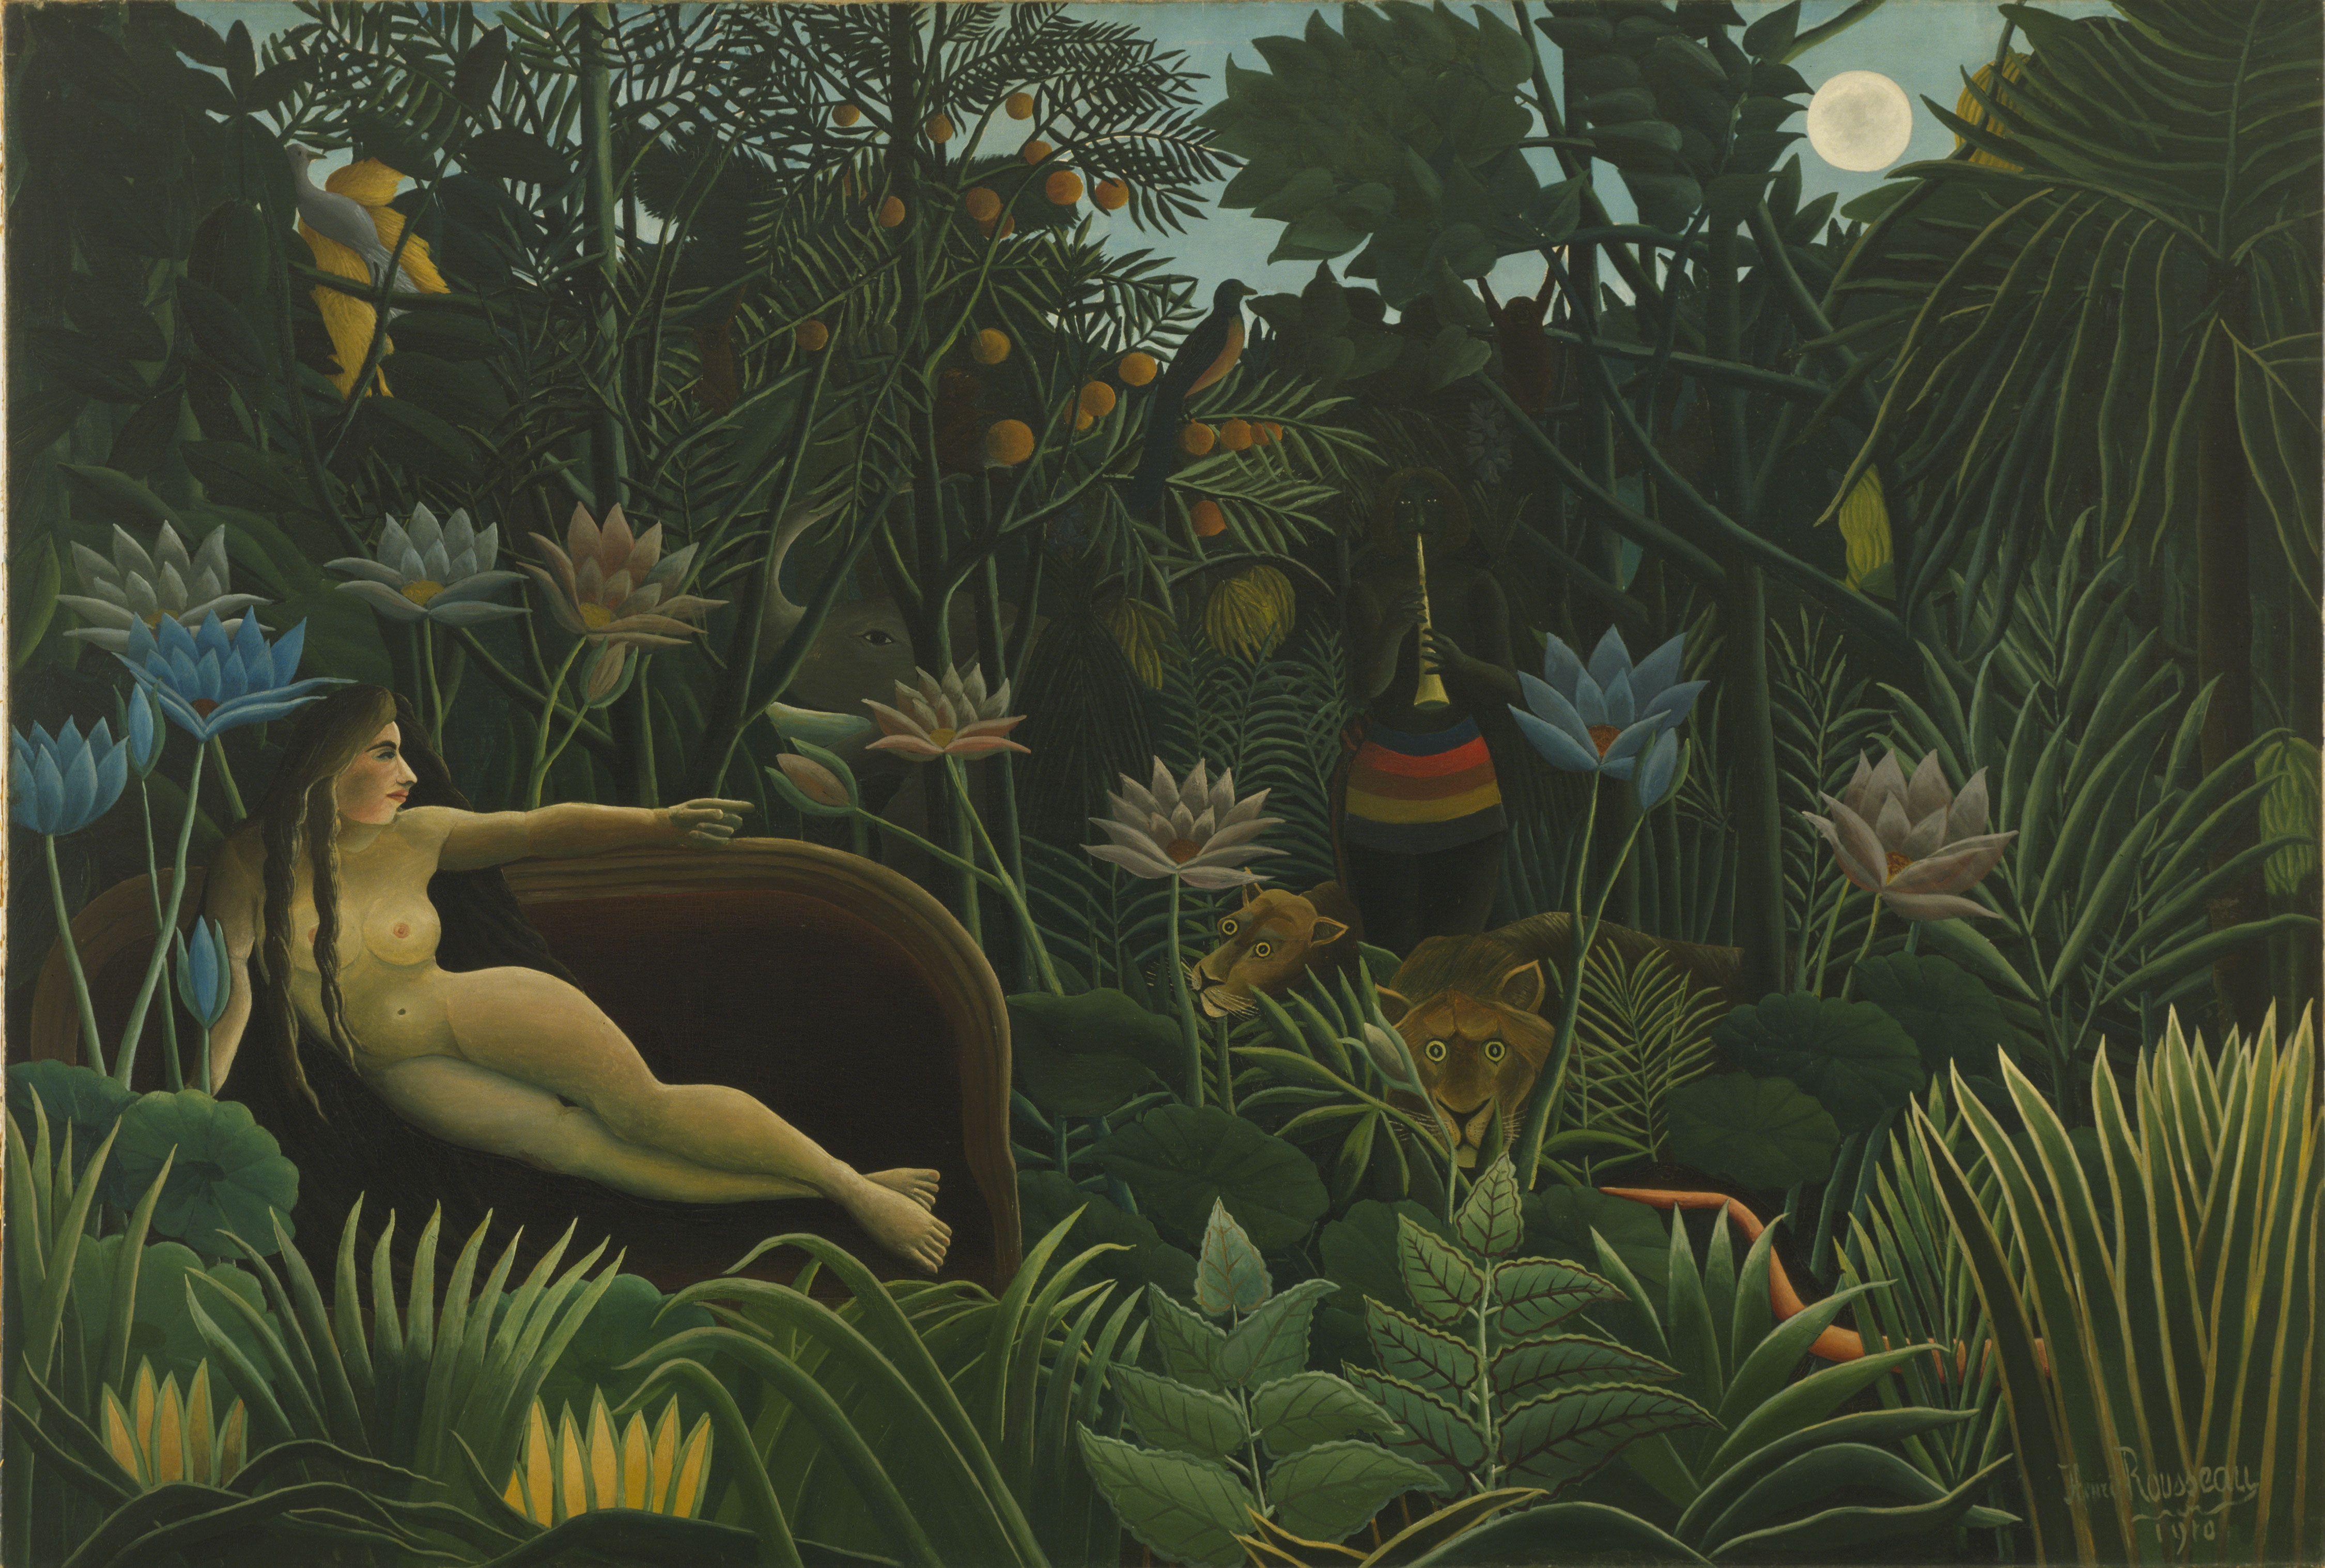 Rousseau De Droom